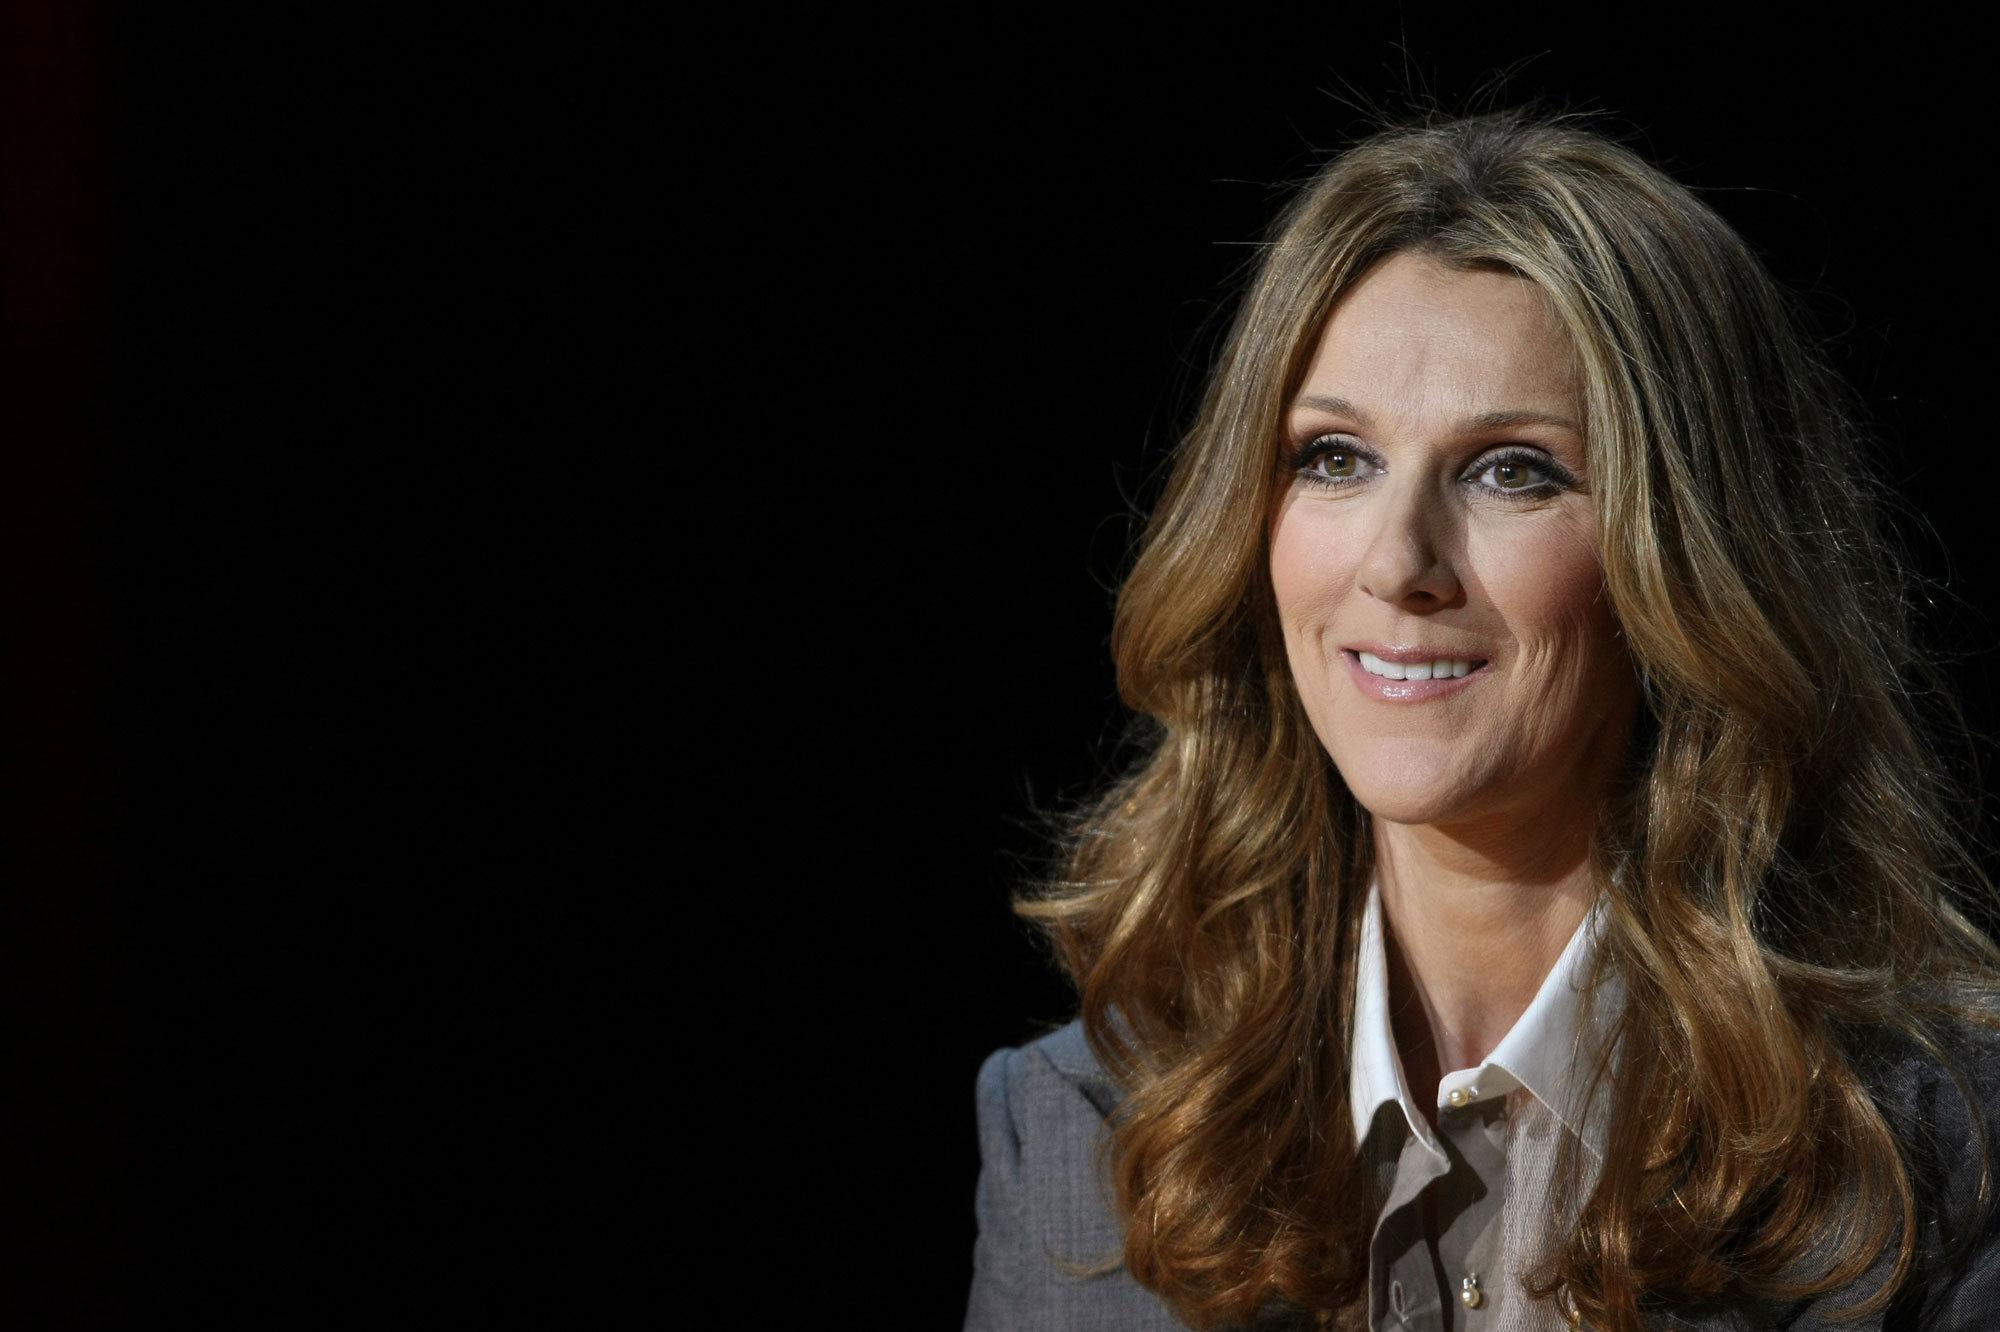 Céline Dion rend un bel hommage à sa mère pour son anniversaire